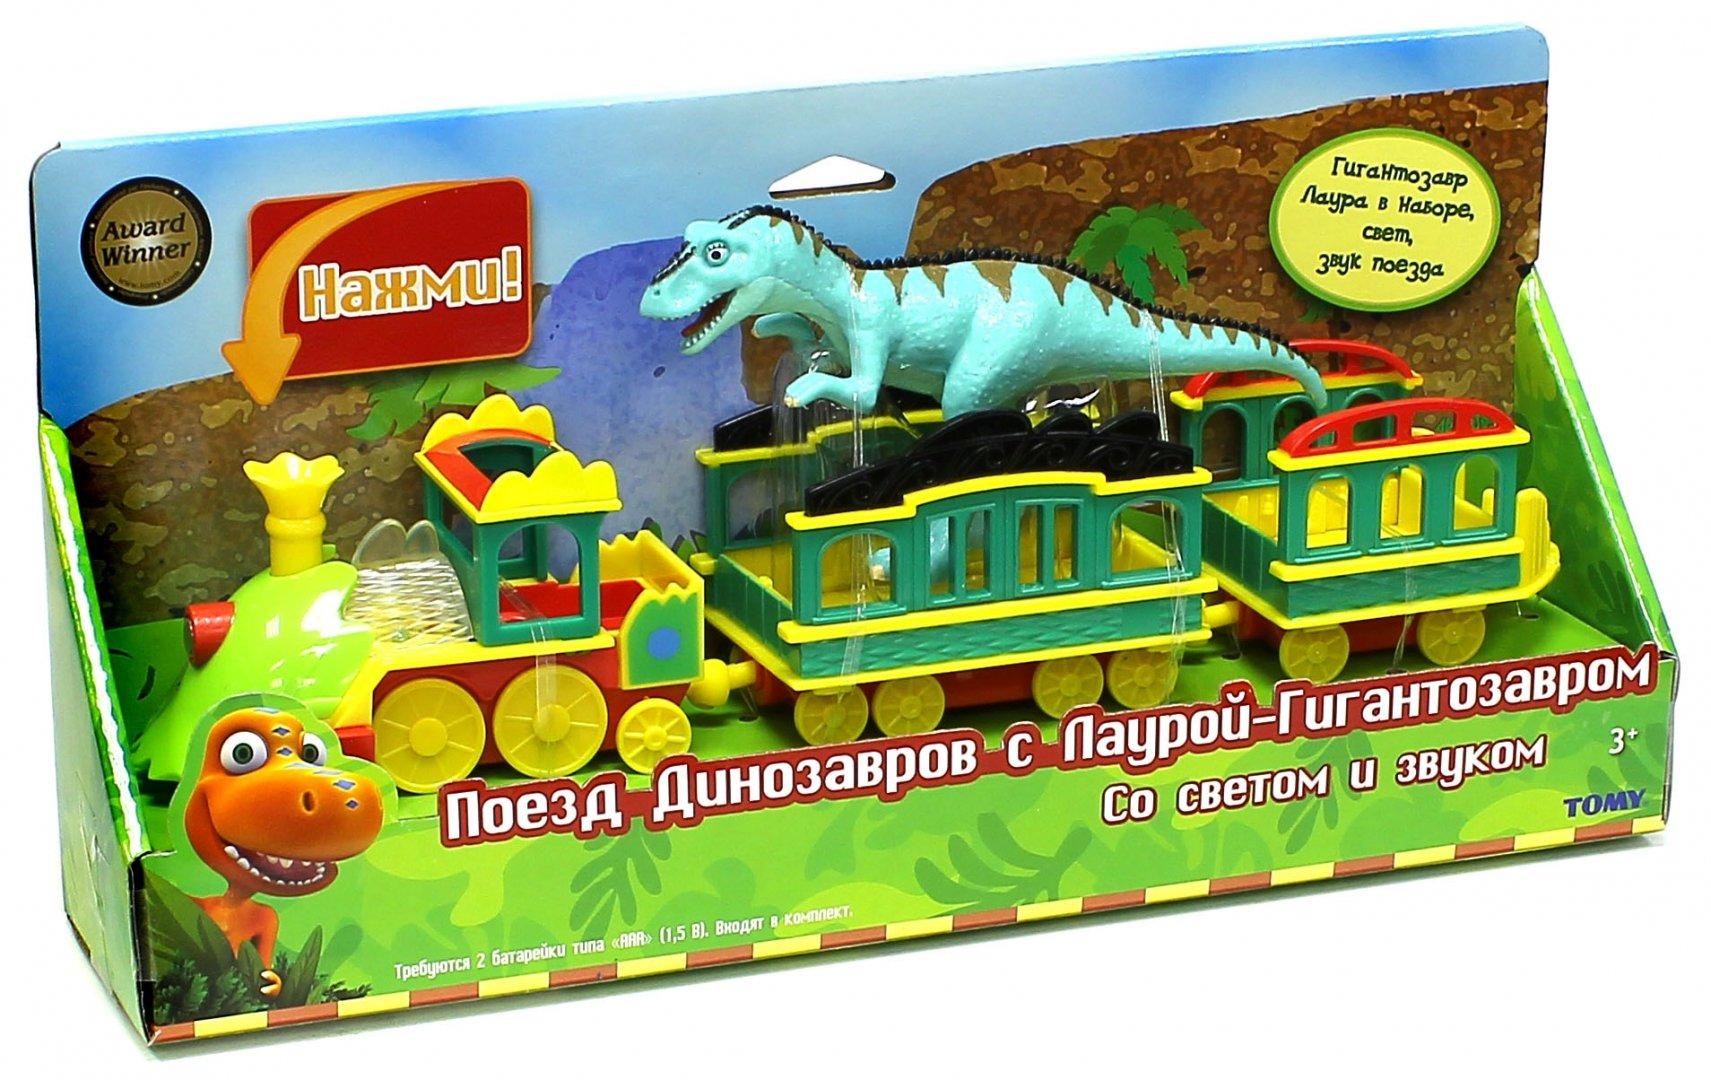 Иллюстрация 1 из 4 для Поезд из 3 вагонов с динозавром Лаурой (Т57086)   Лабиринт - игрушки. Источник: Лабиринт